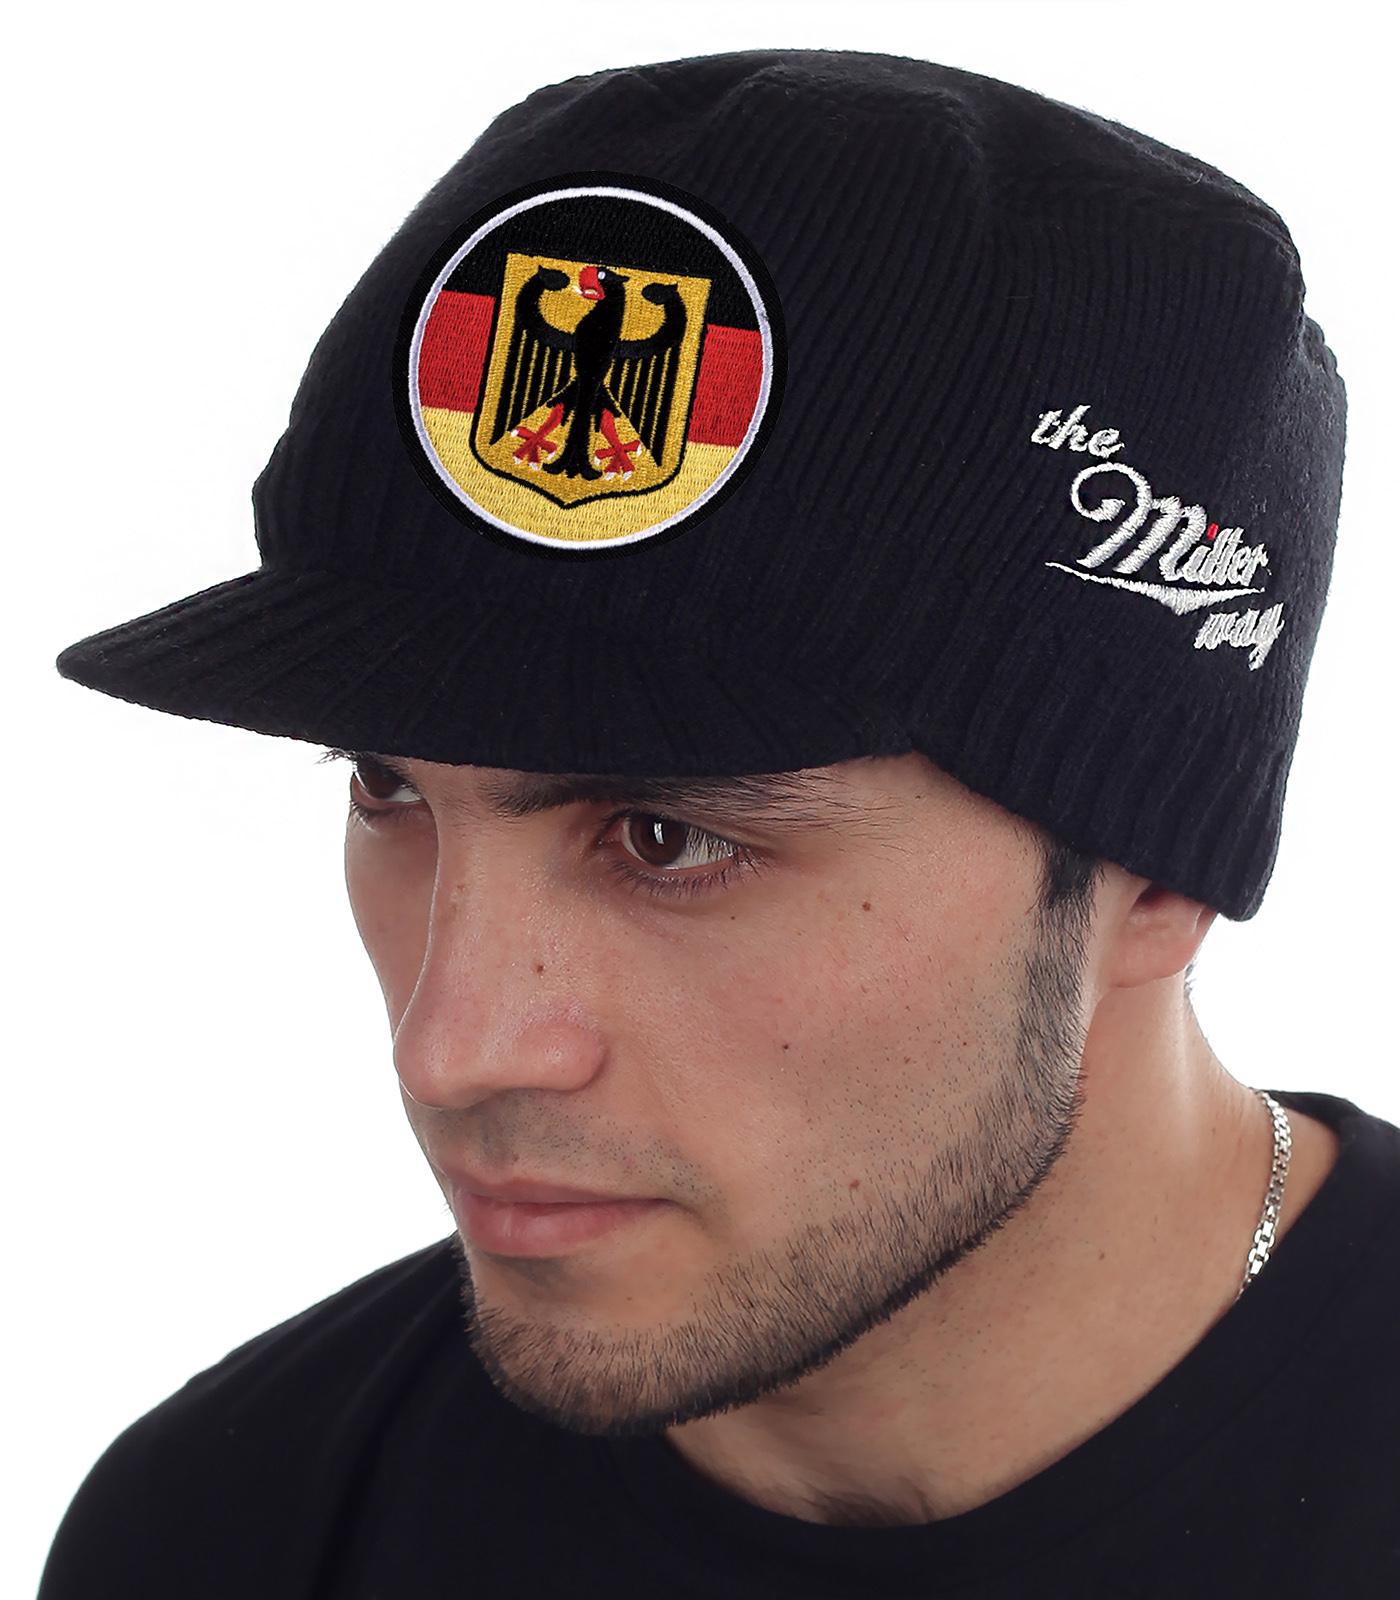 Модная шапка-кепка с коротким козырьком – тепло и по-мужски эффектно